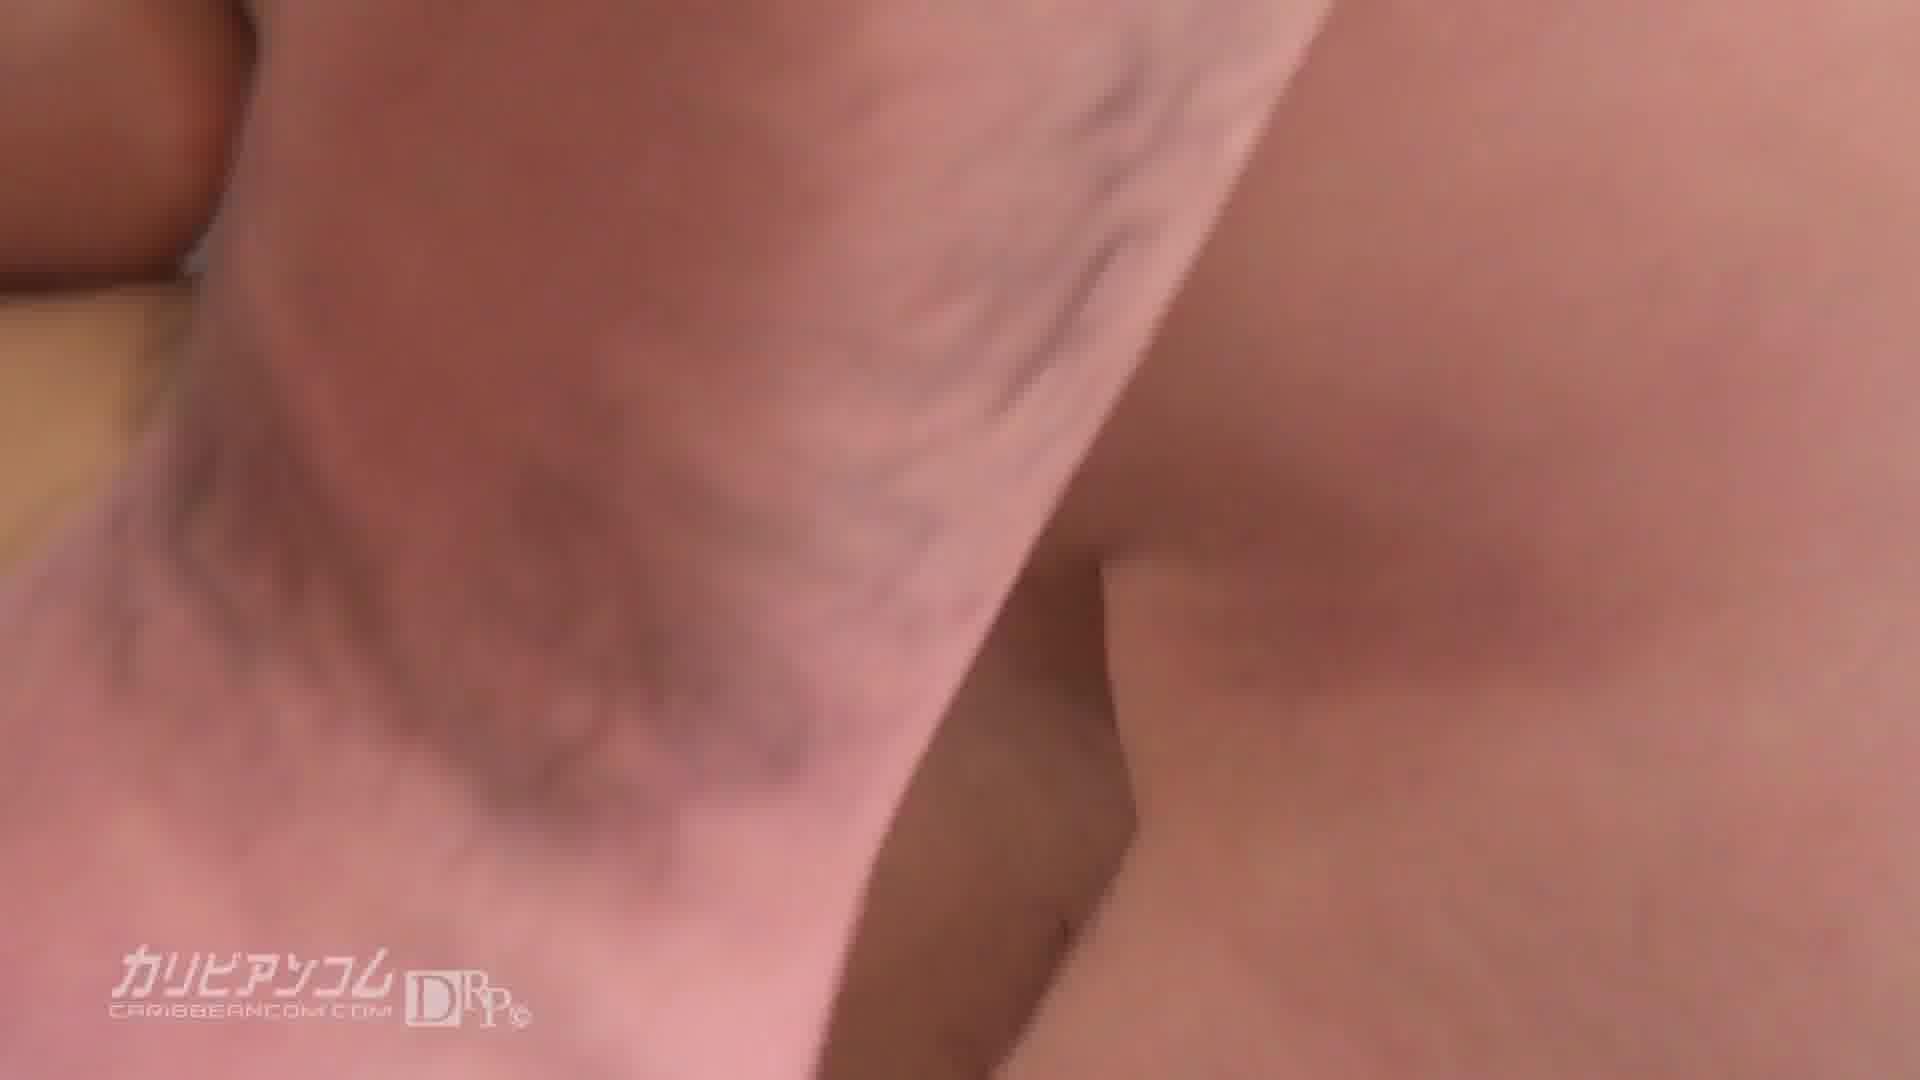 蝶が如く ~ピンク通りの二輪車ソープランド~ - 水城奈緒【巨乳・パイパン・3P】